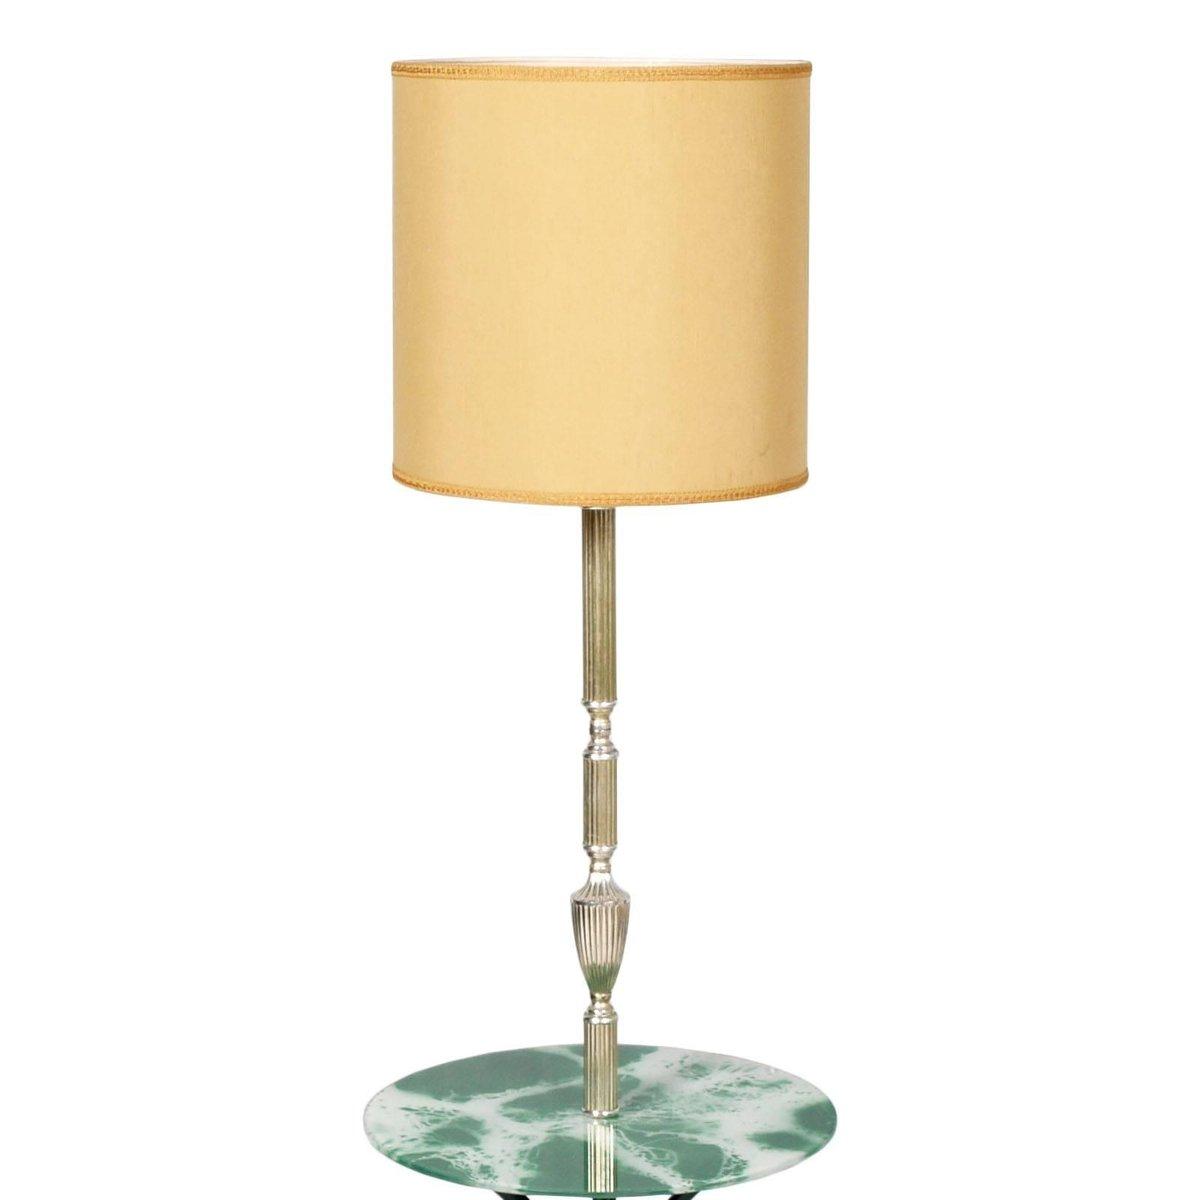 Unglaublich Dreibein Stehlampe Referenz Von Art Deco Mit Ablage